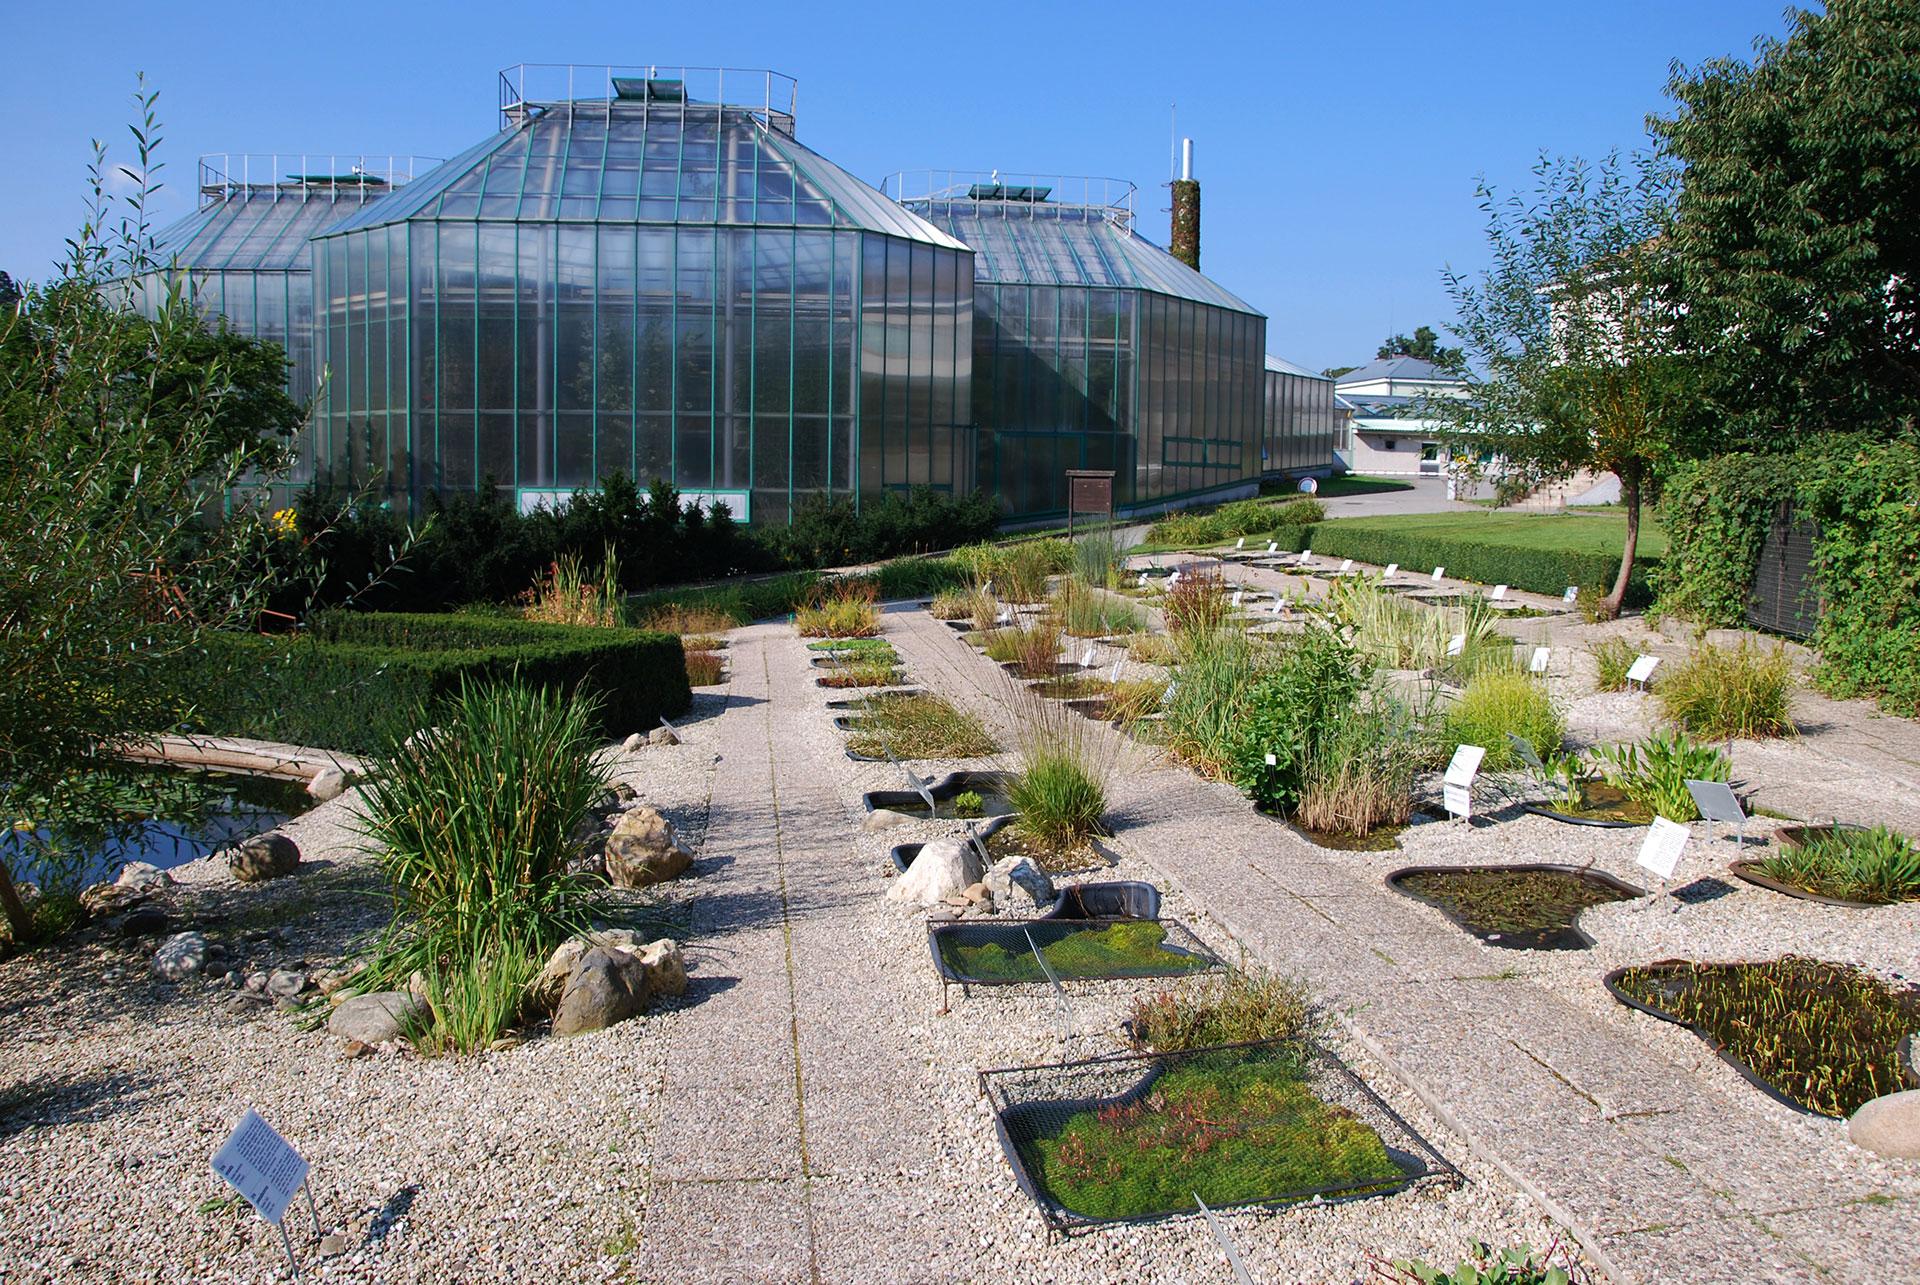 Botanická zahrada slaví 120. výročí